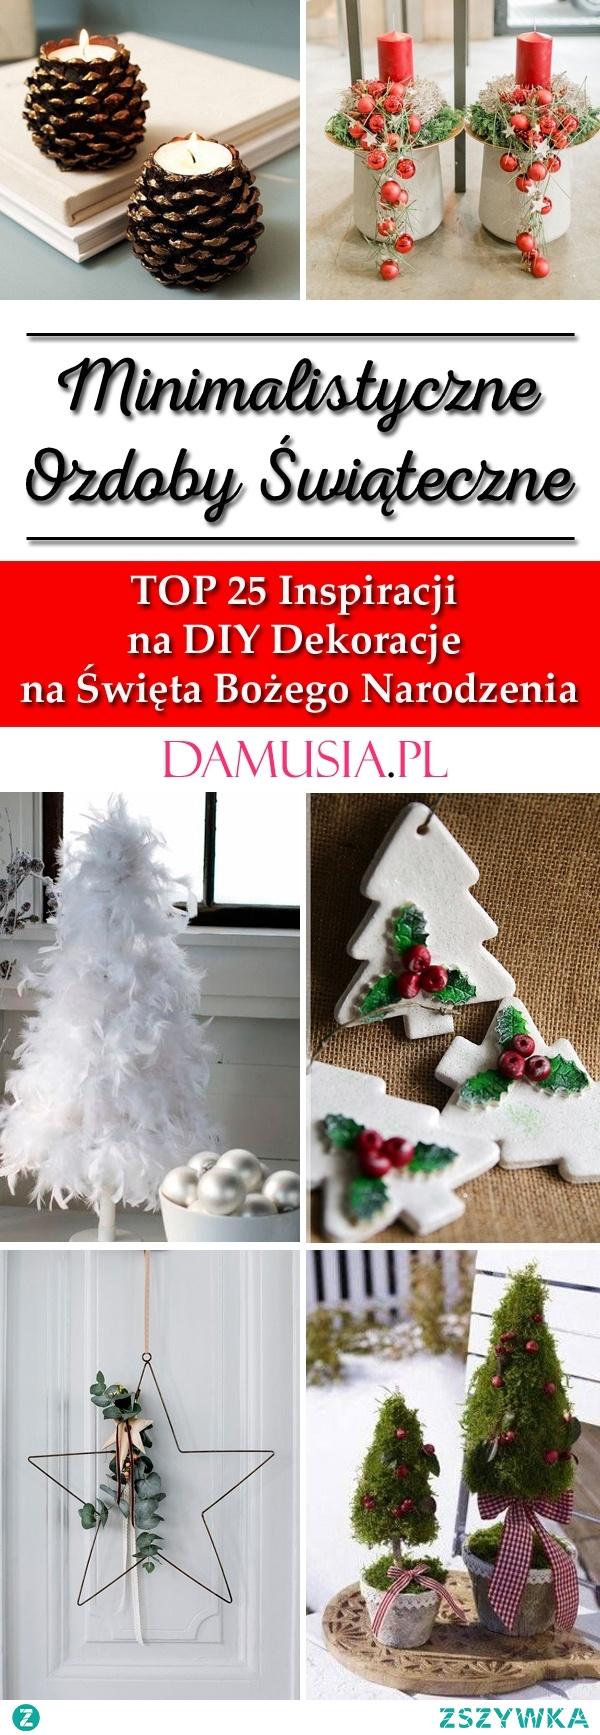 Minimalistyczne Ozdoby Świąteczne – TOP 25 Inspiracji na DIY Dekoracje na Święta Bożego Narodzenia